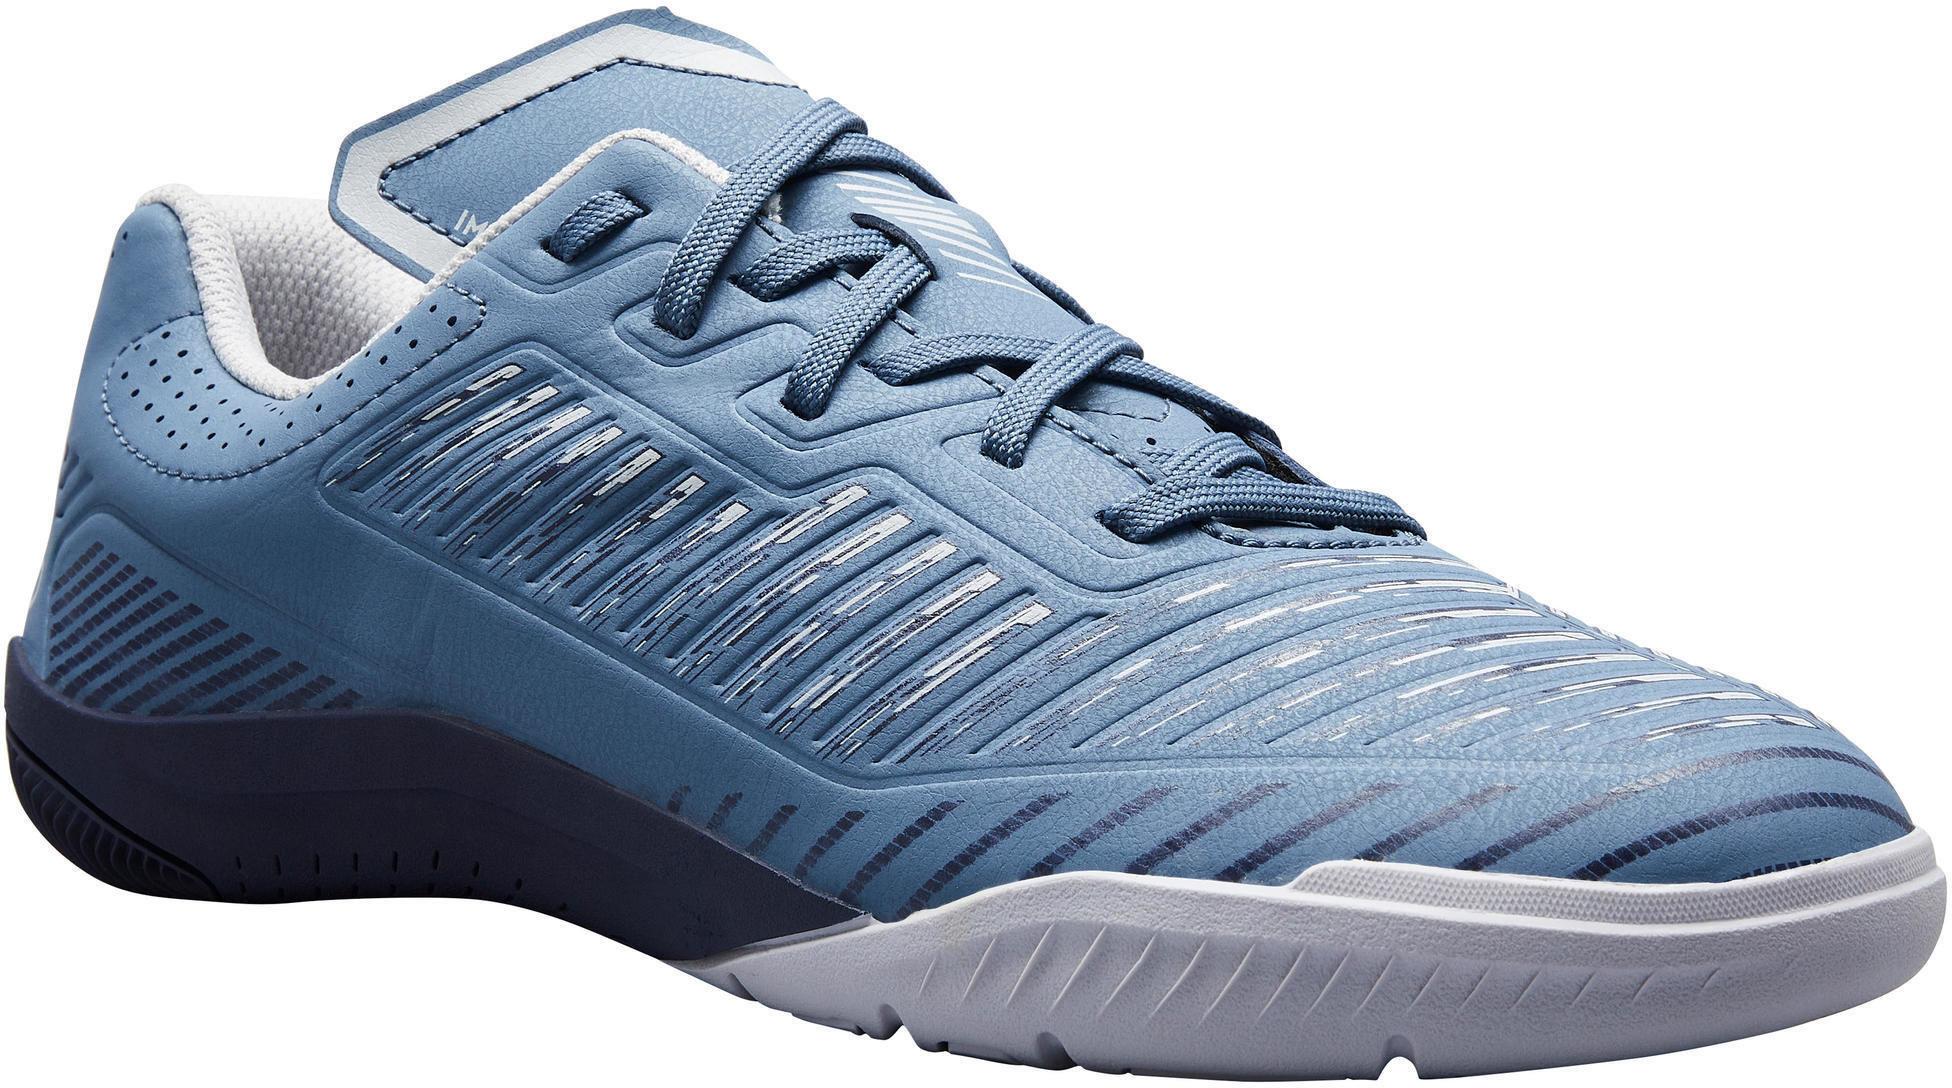 Buty halowe do piłki nożnej damskie Imviso Ginka 500